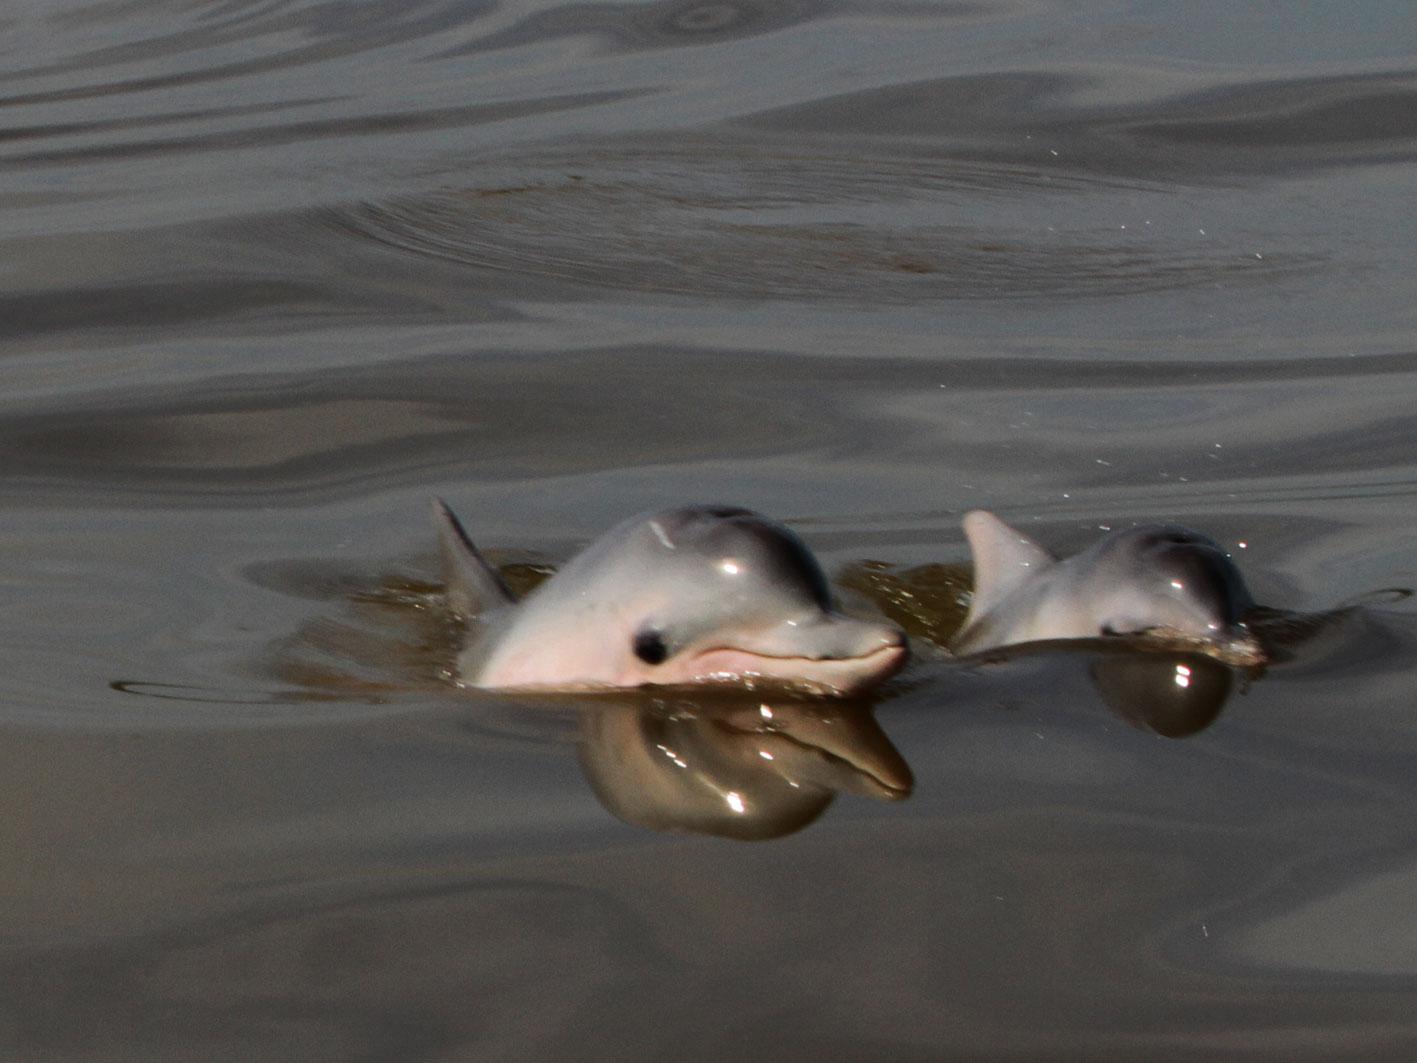 Guiana dolphins